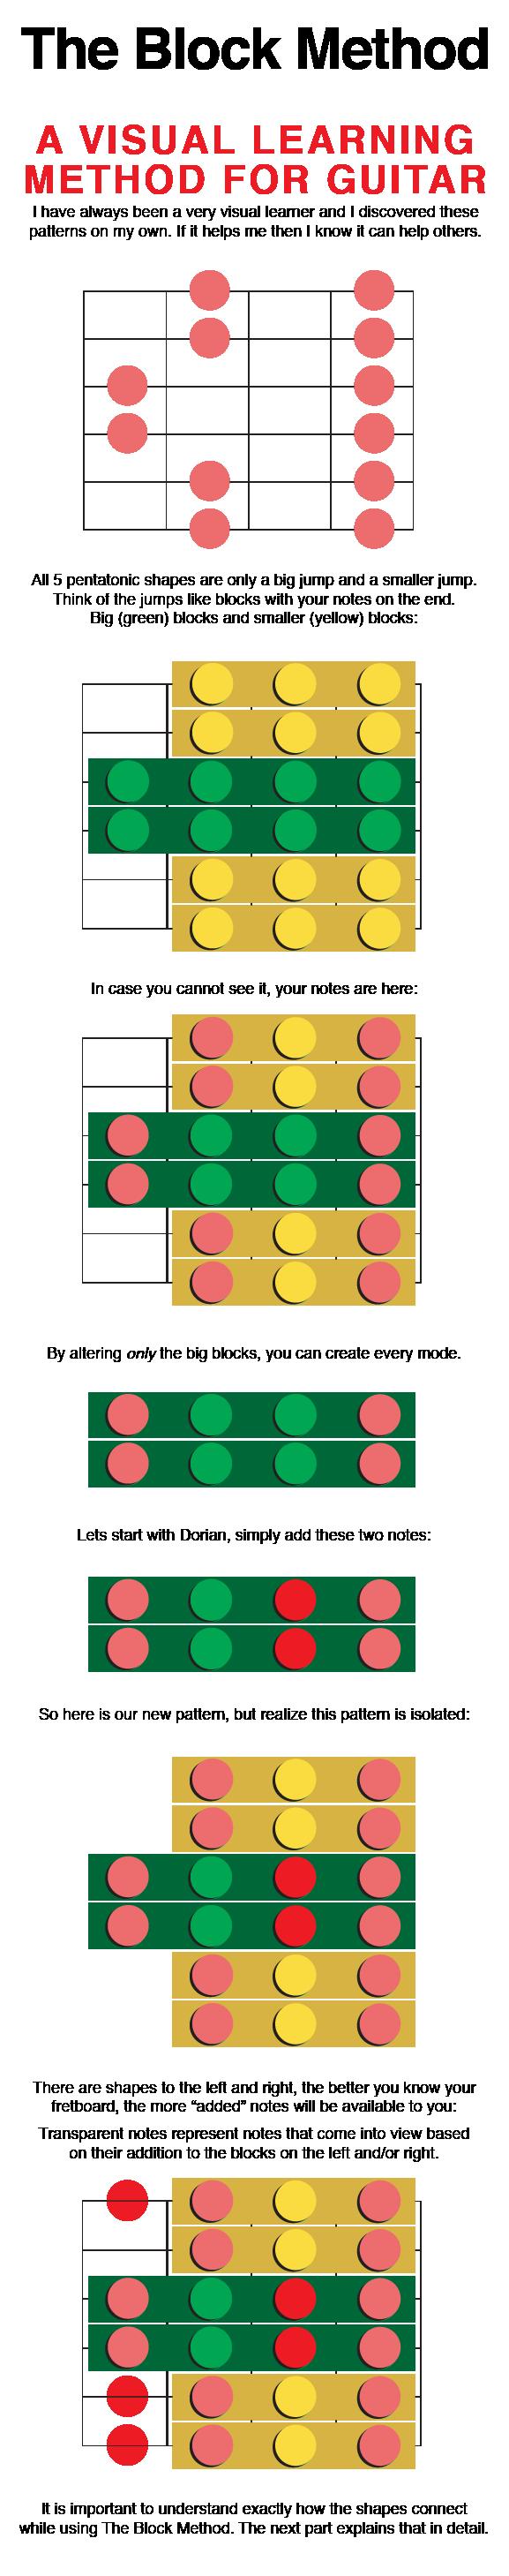 ESG MM_-09